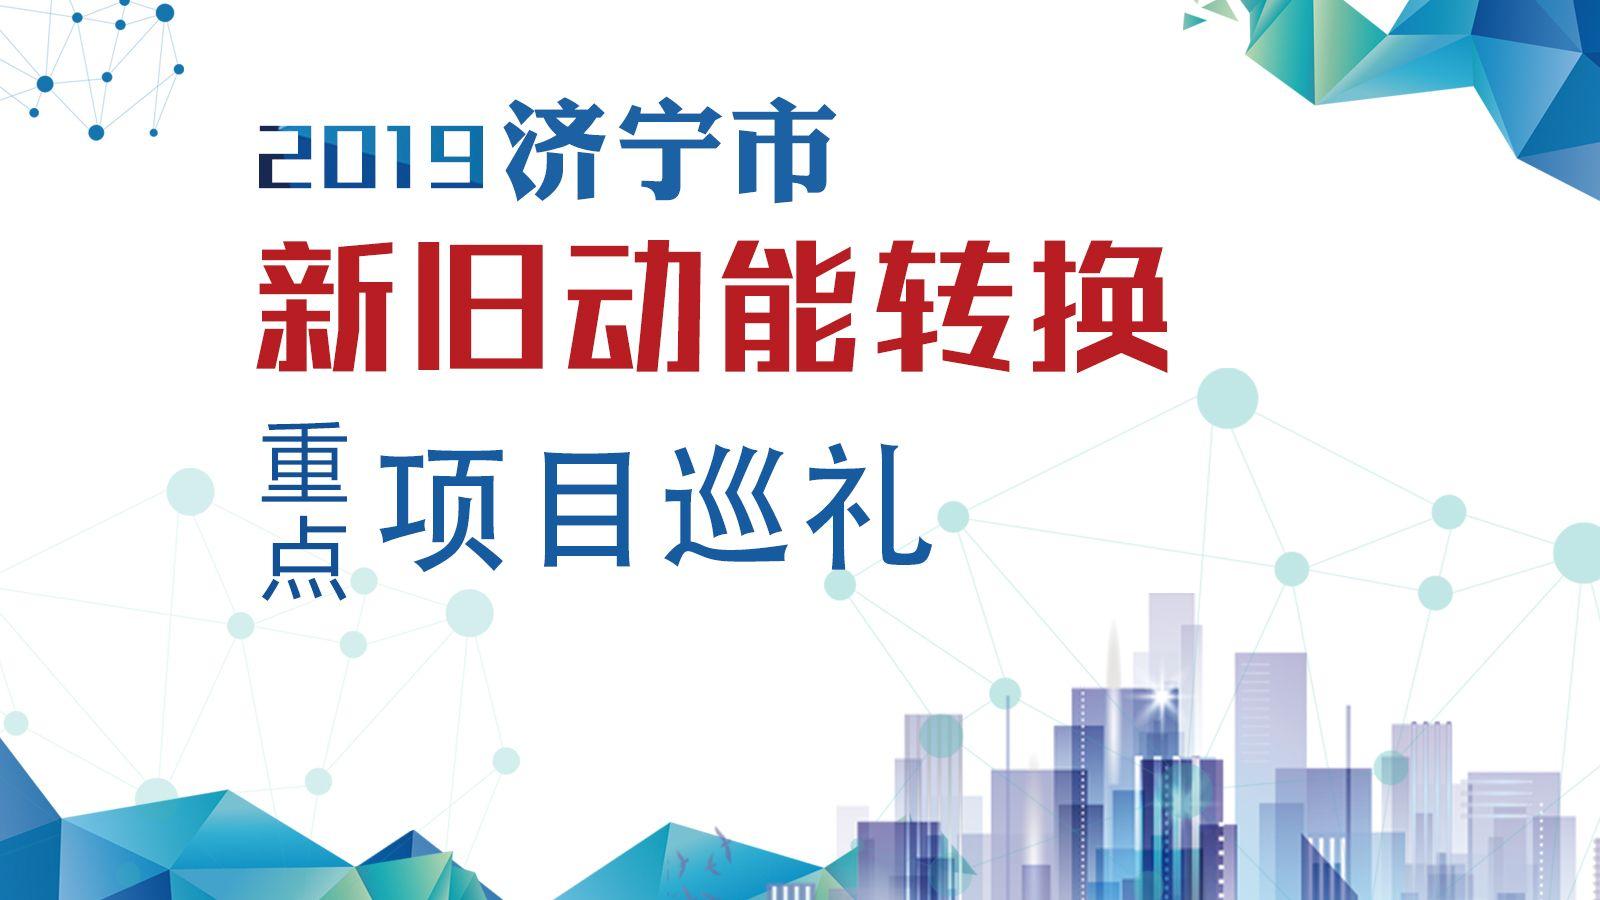 2019年济宁市新旧动能转换重点项目巡礼